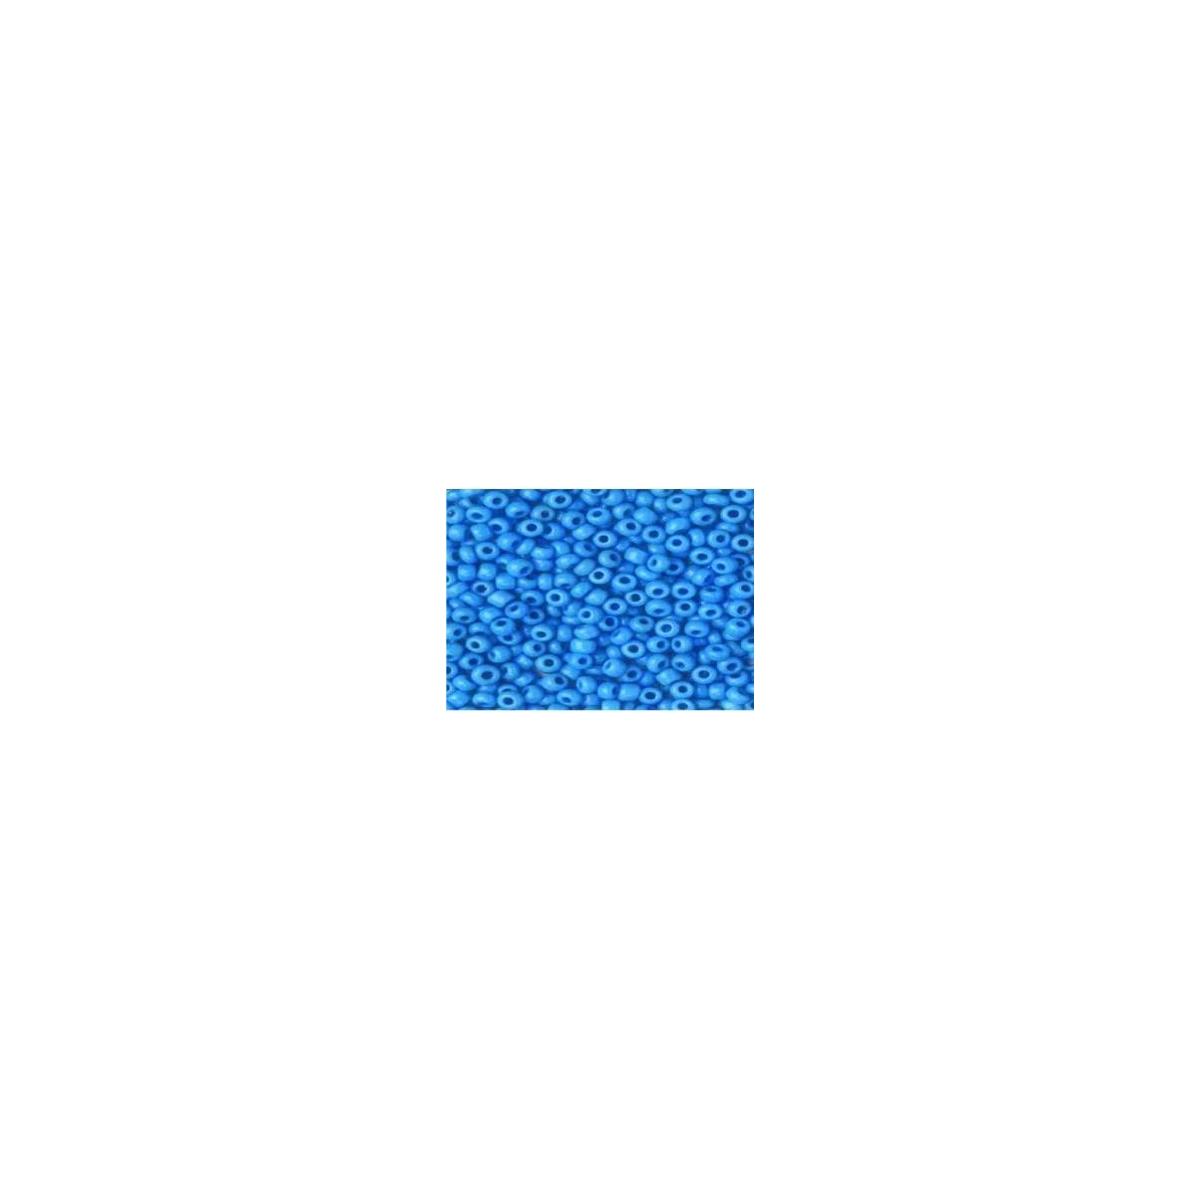 Round nº 1 - Light Blue Opaque